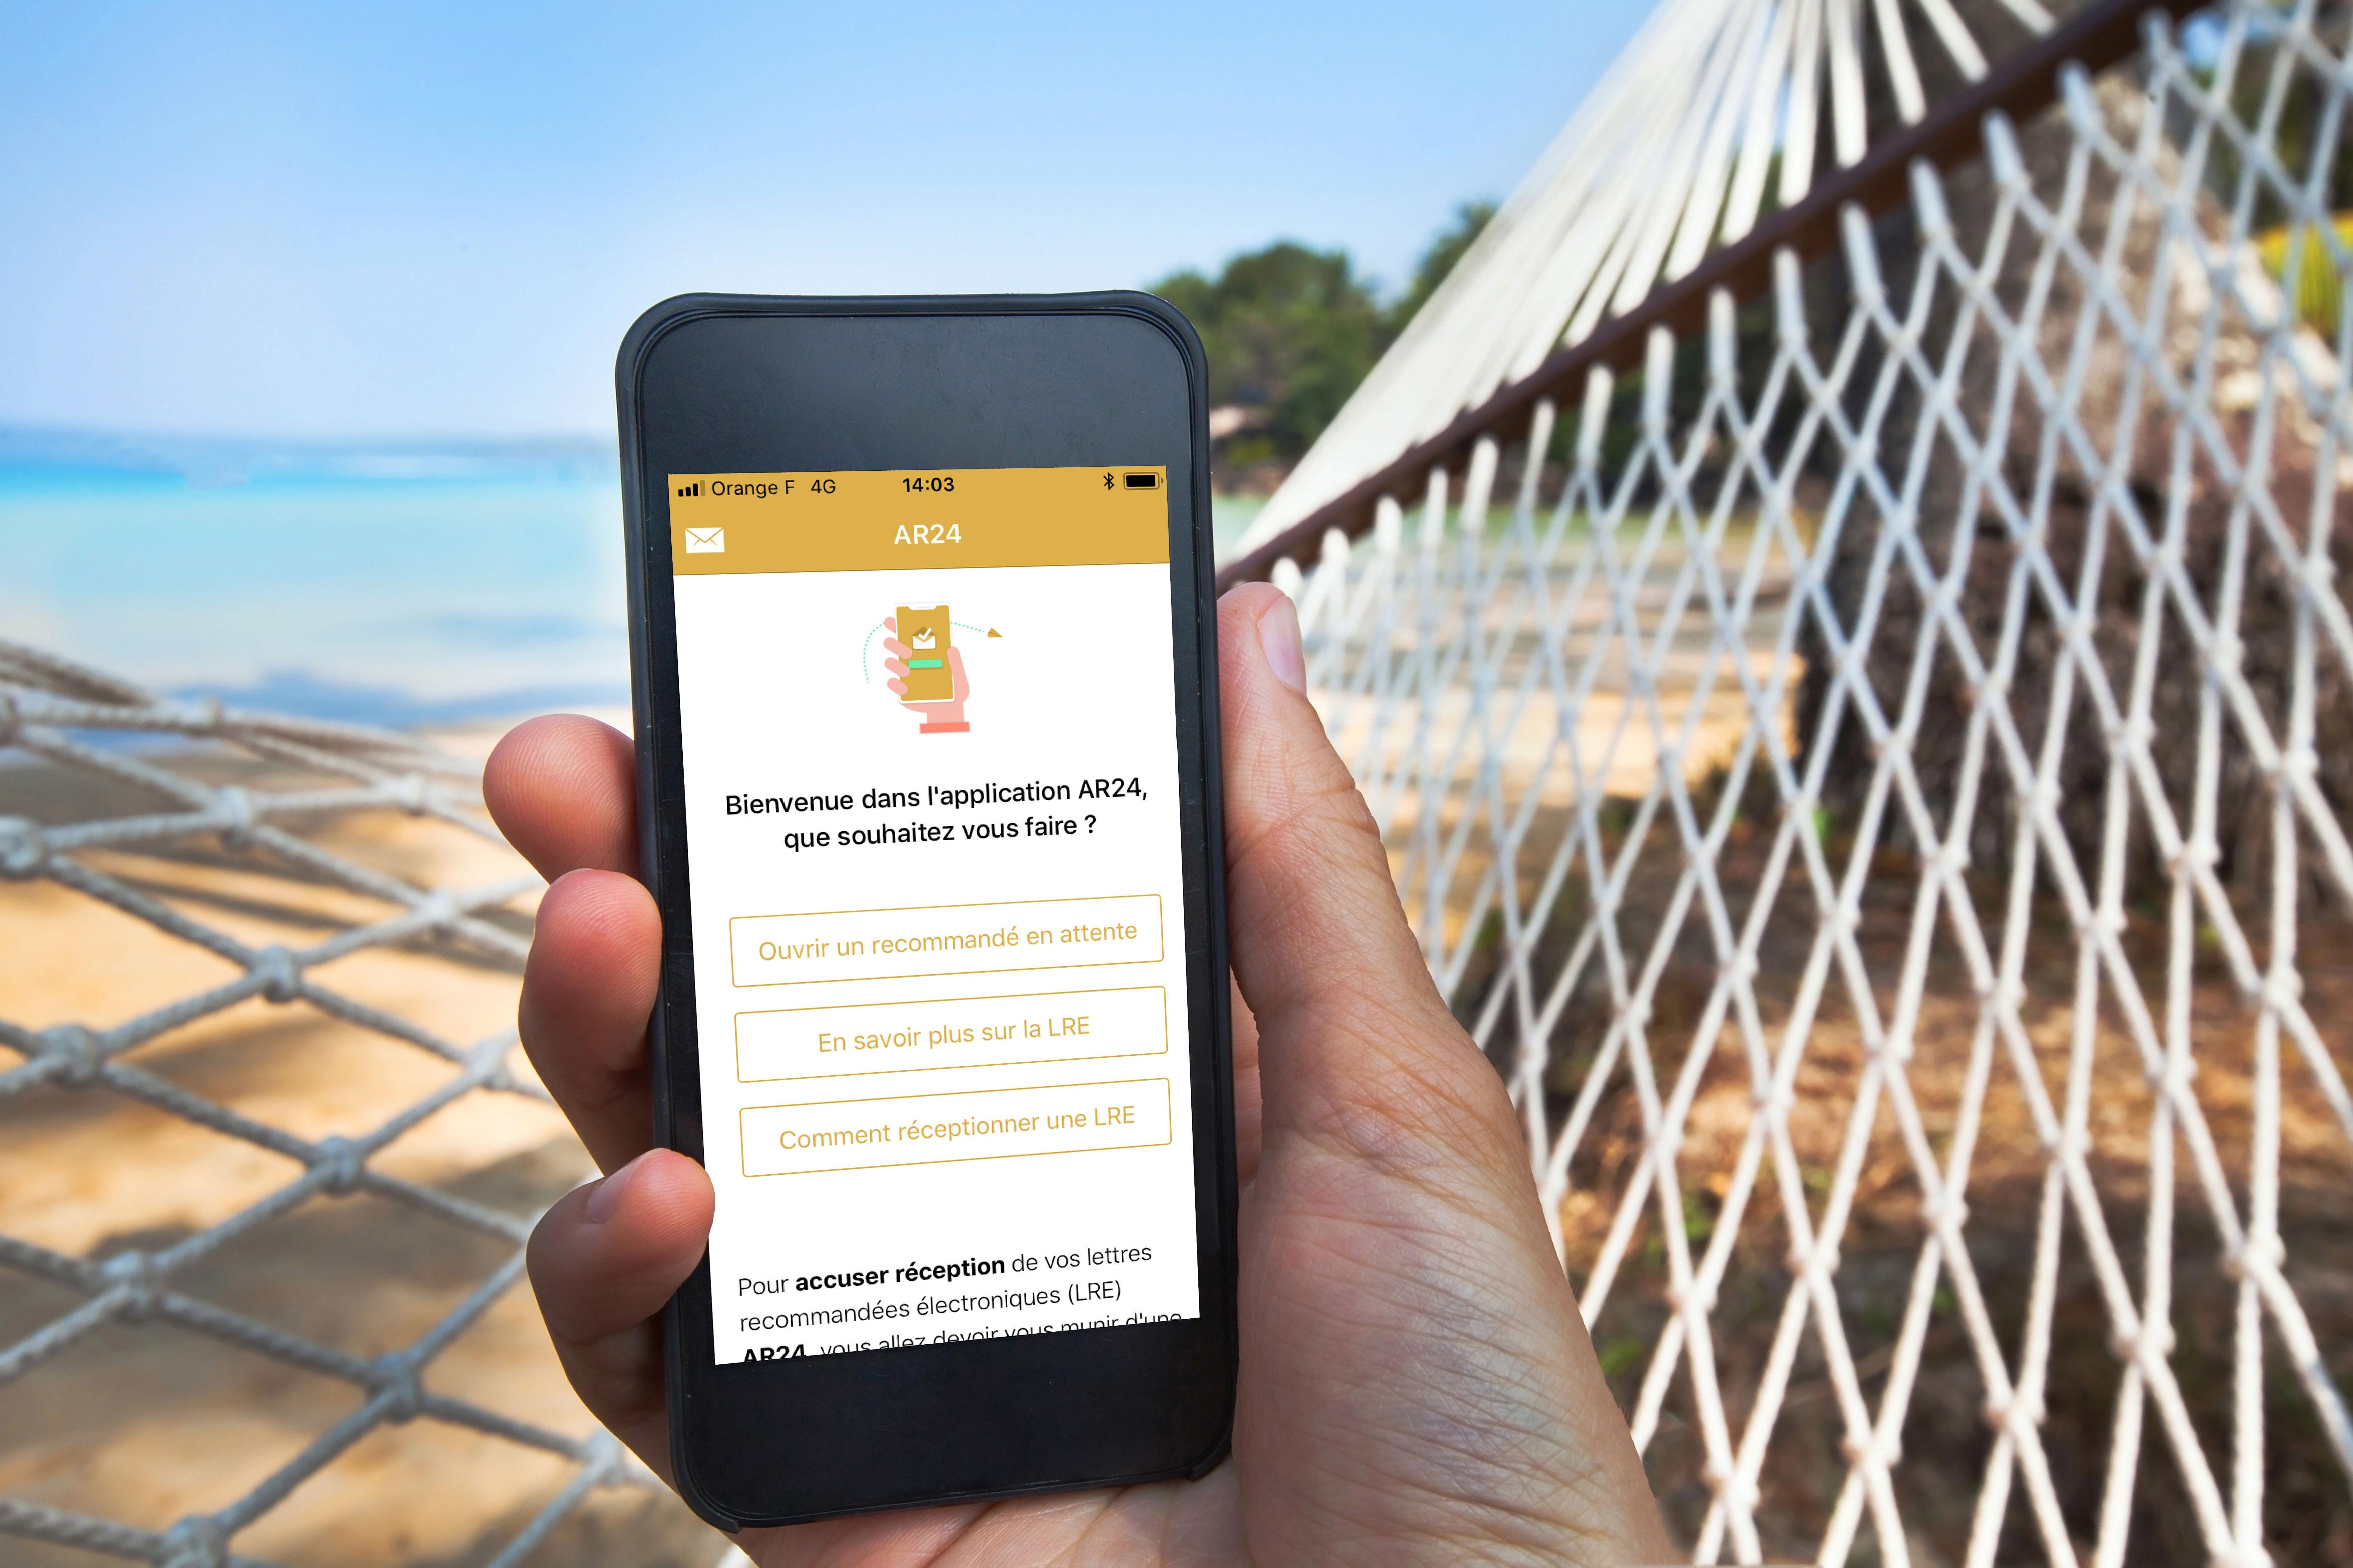 Main qui tient un smartphone avec l'application AR24 affichée